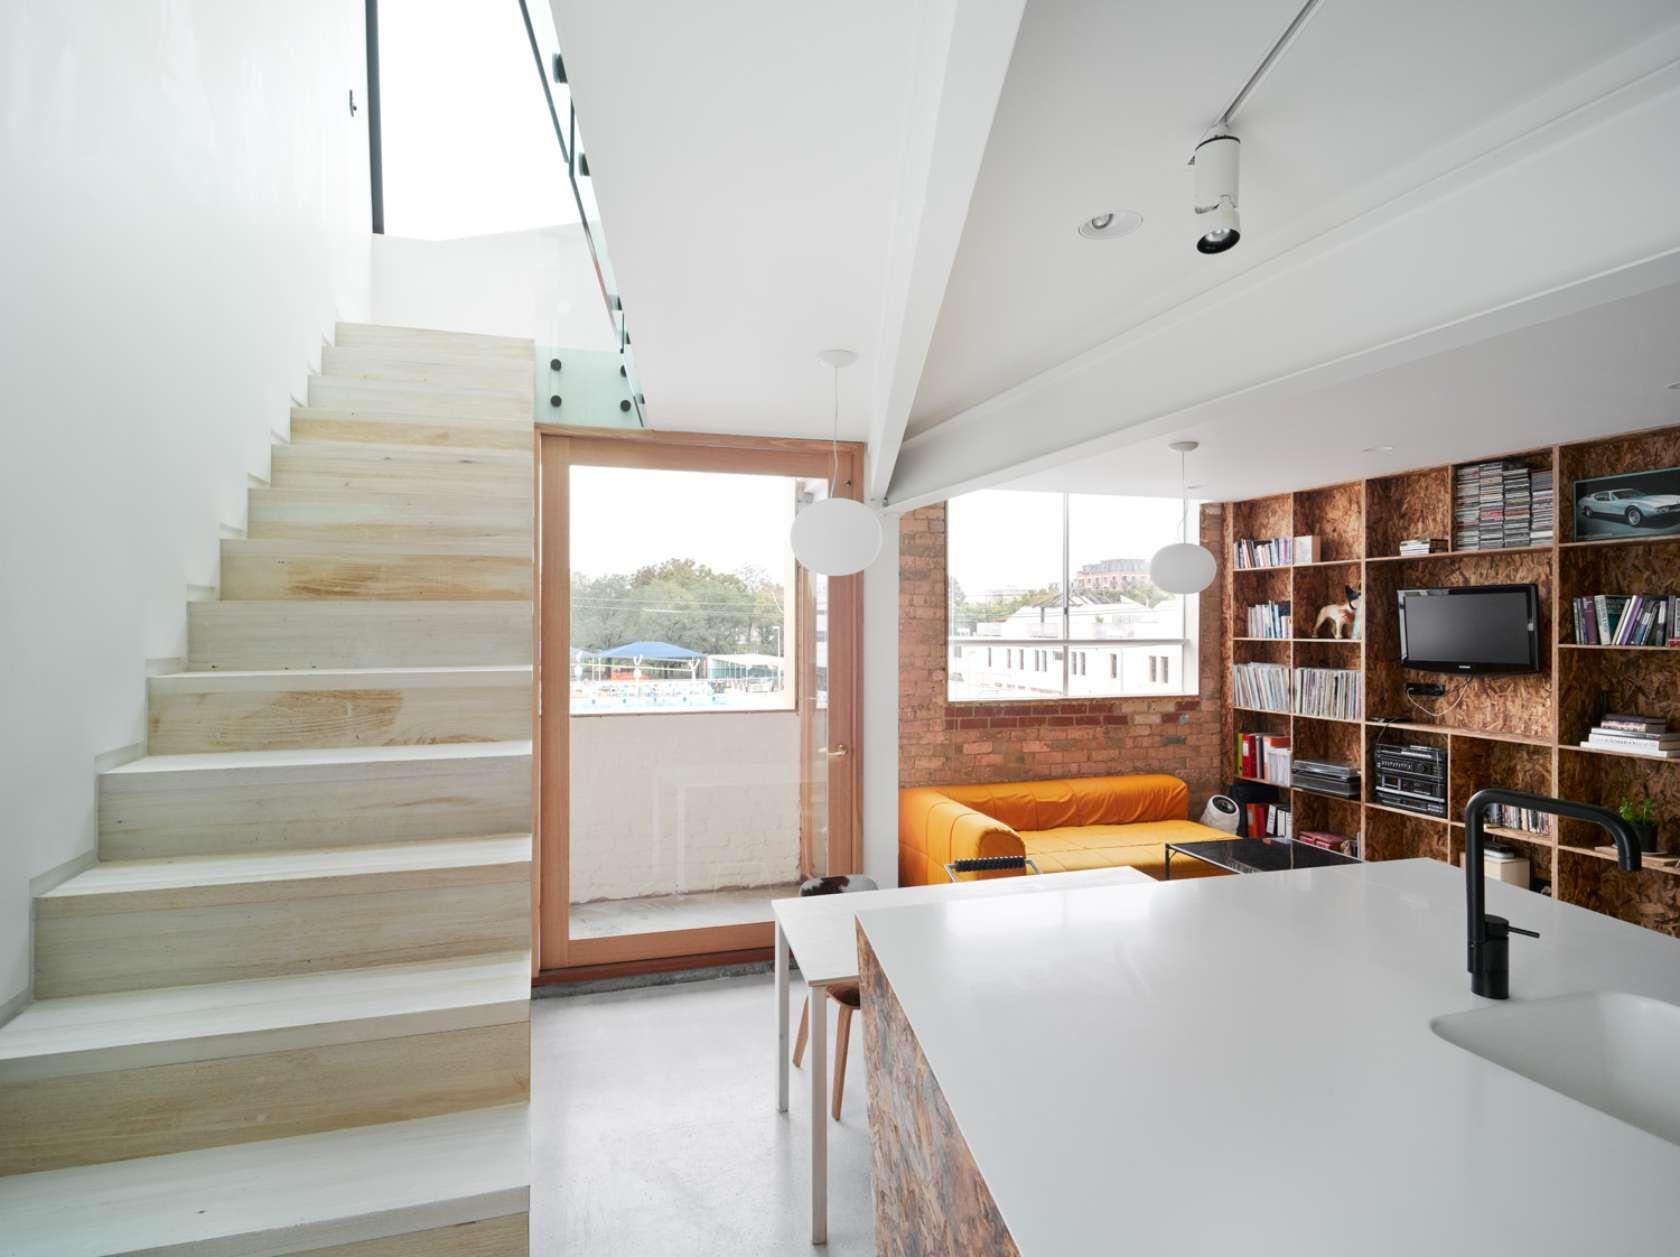 Modern Italienisch Wohnzimmer Möbel   Loungemöbel | Loungemöbel | Pinterest  | Italian Living Room, Room Decor And Living Rooms